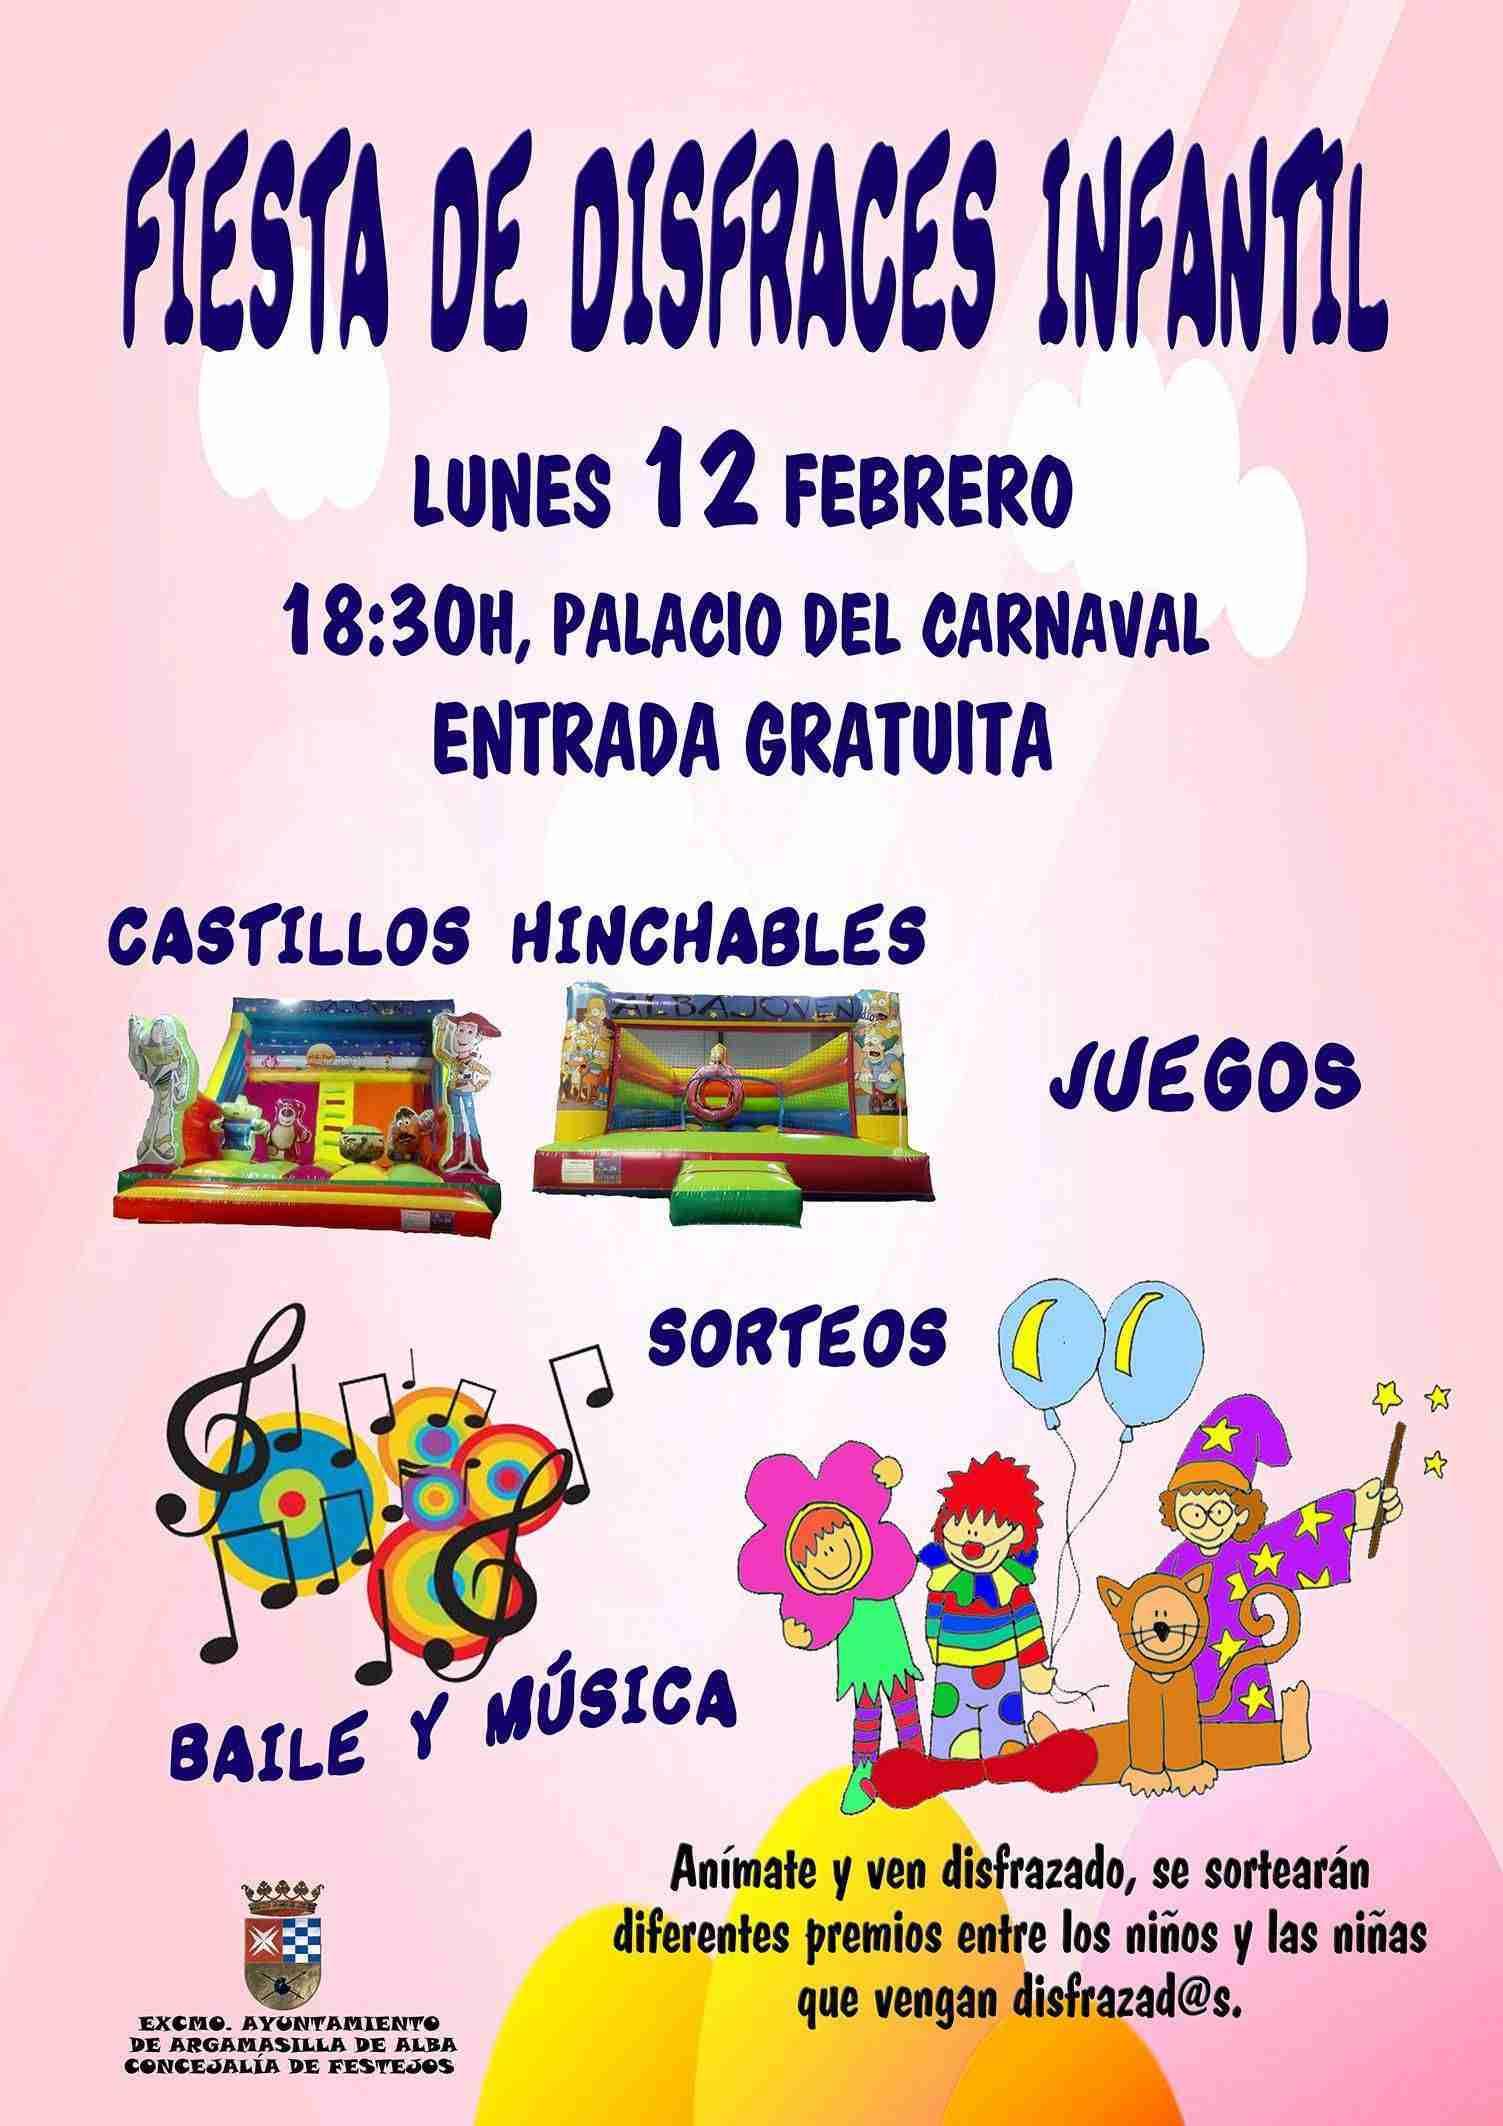 Programación Carnaval 2018 de Argamasilla de Alba 13